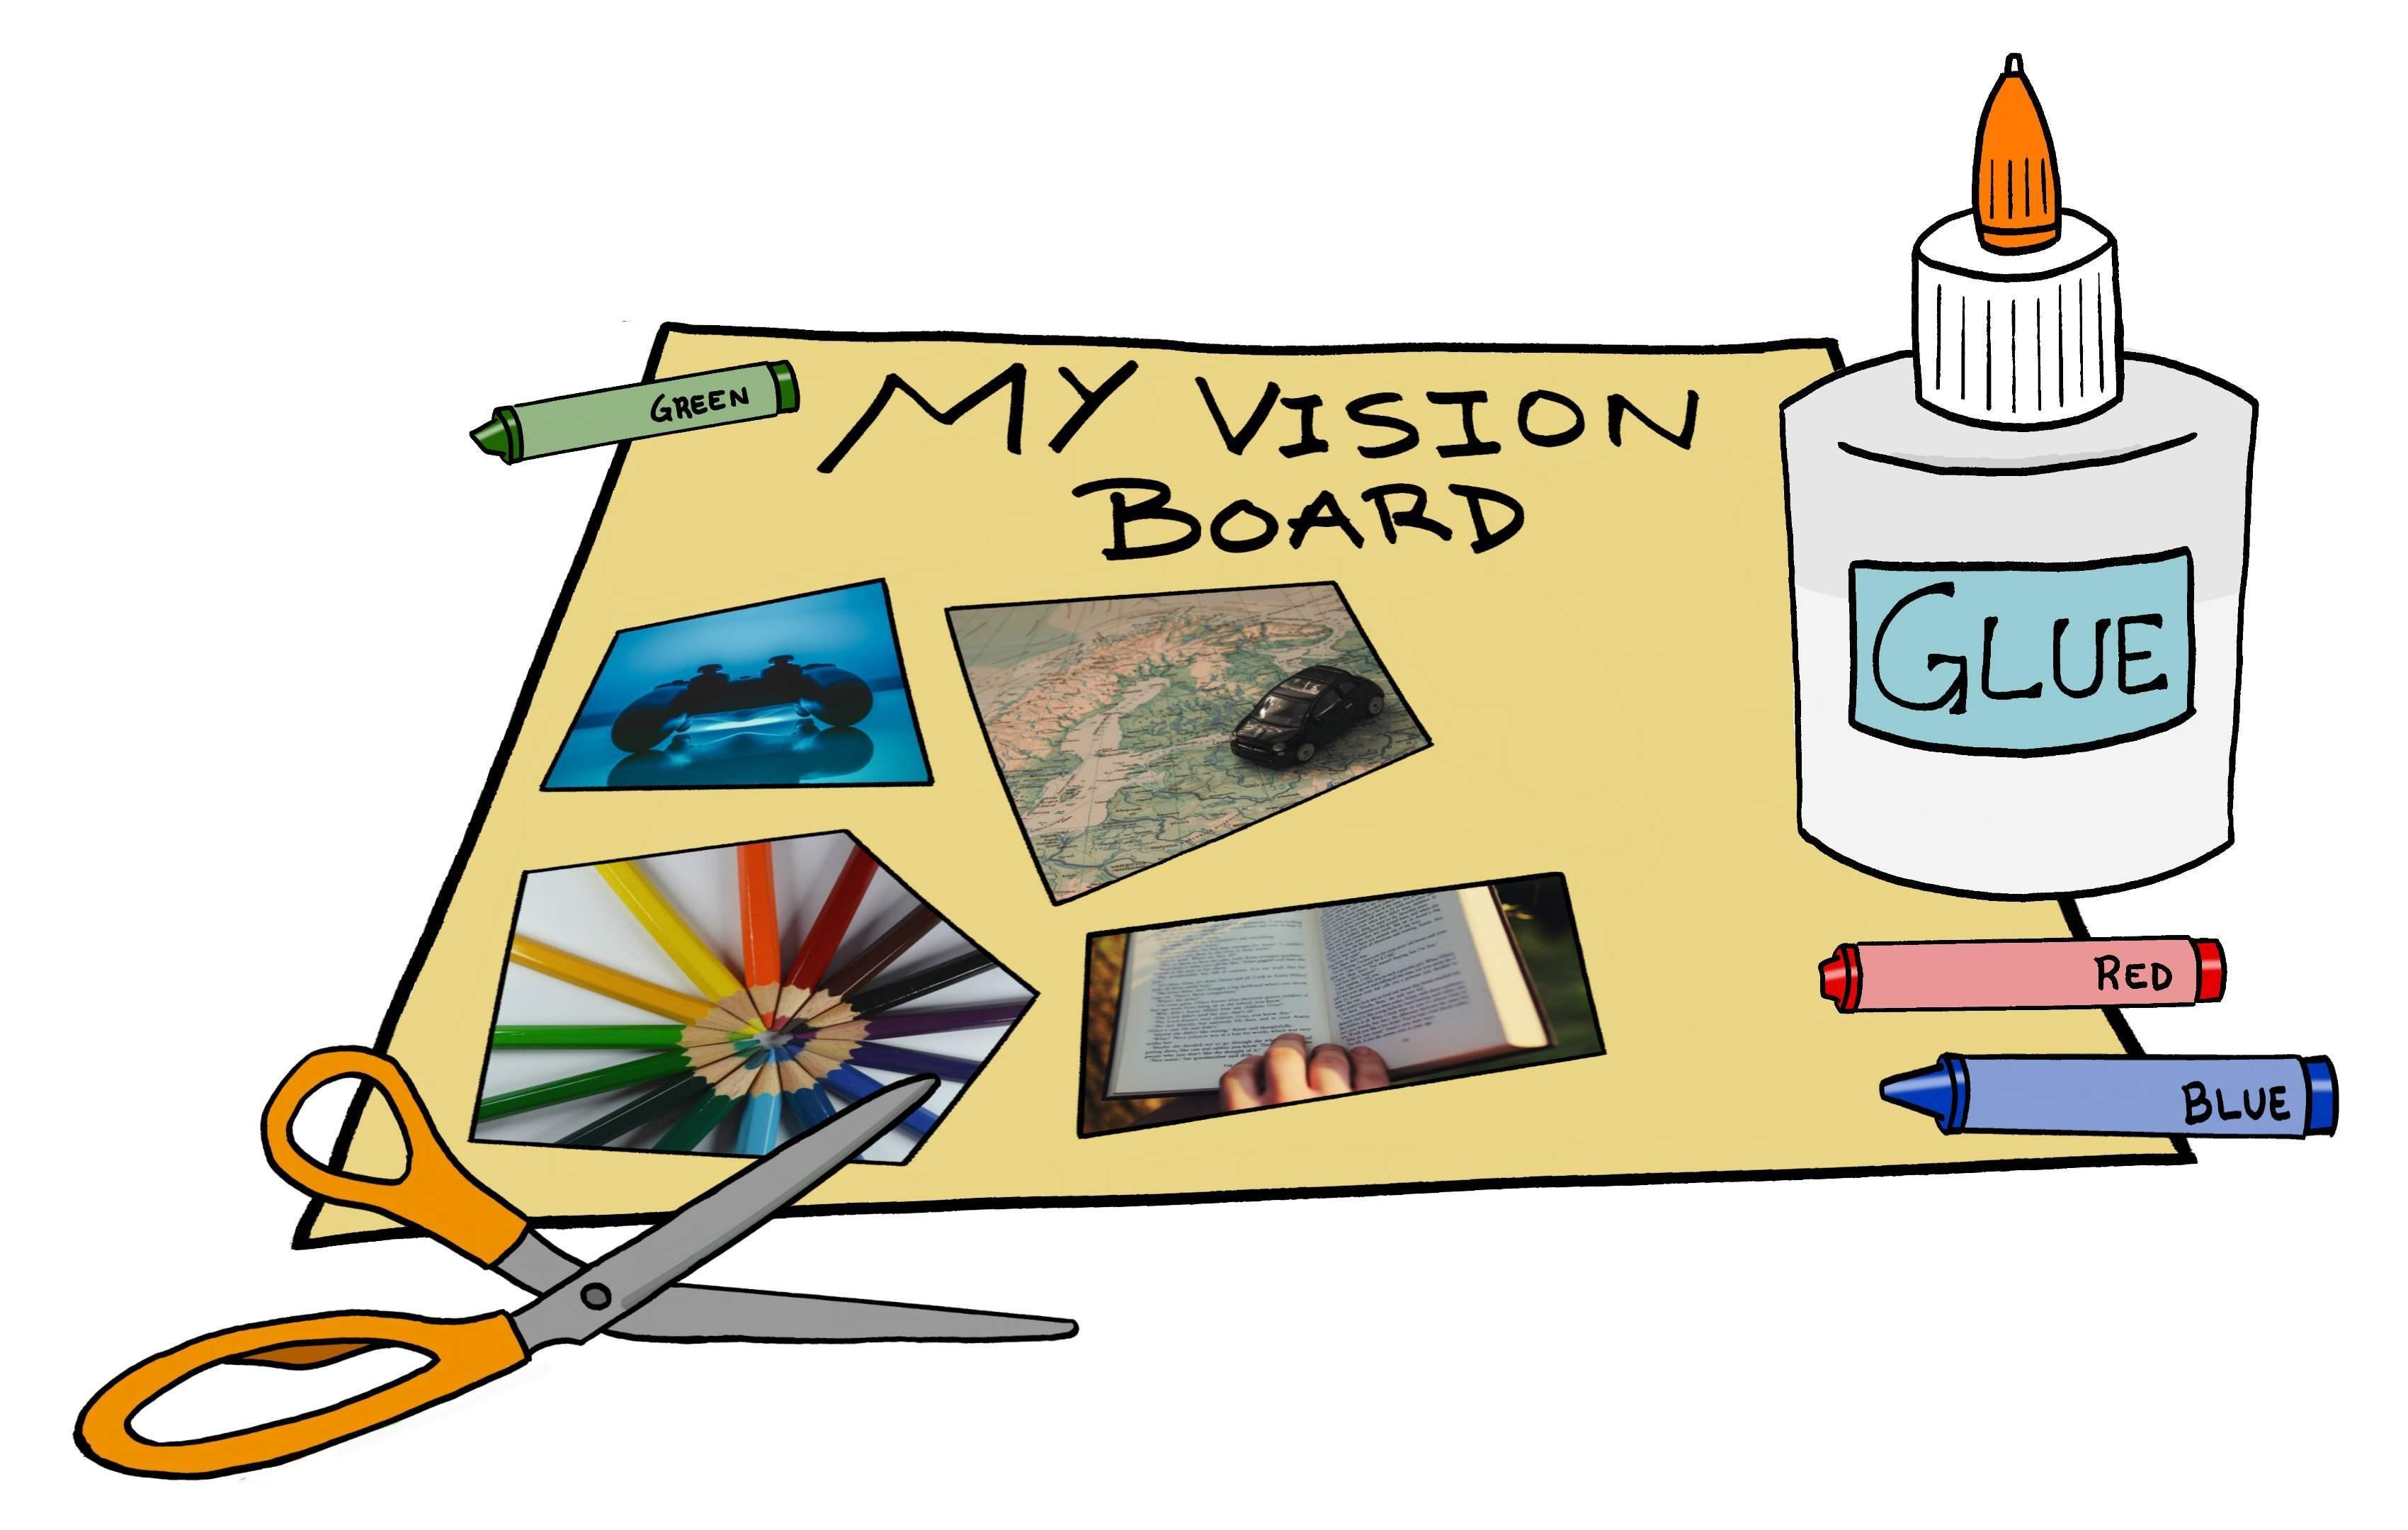 Vision board clipart 3 » Clipart Portal.